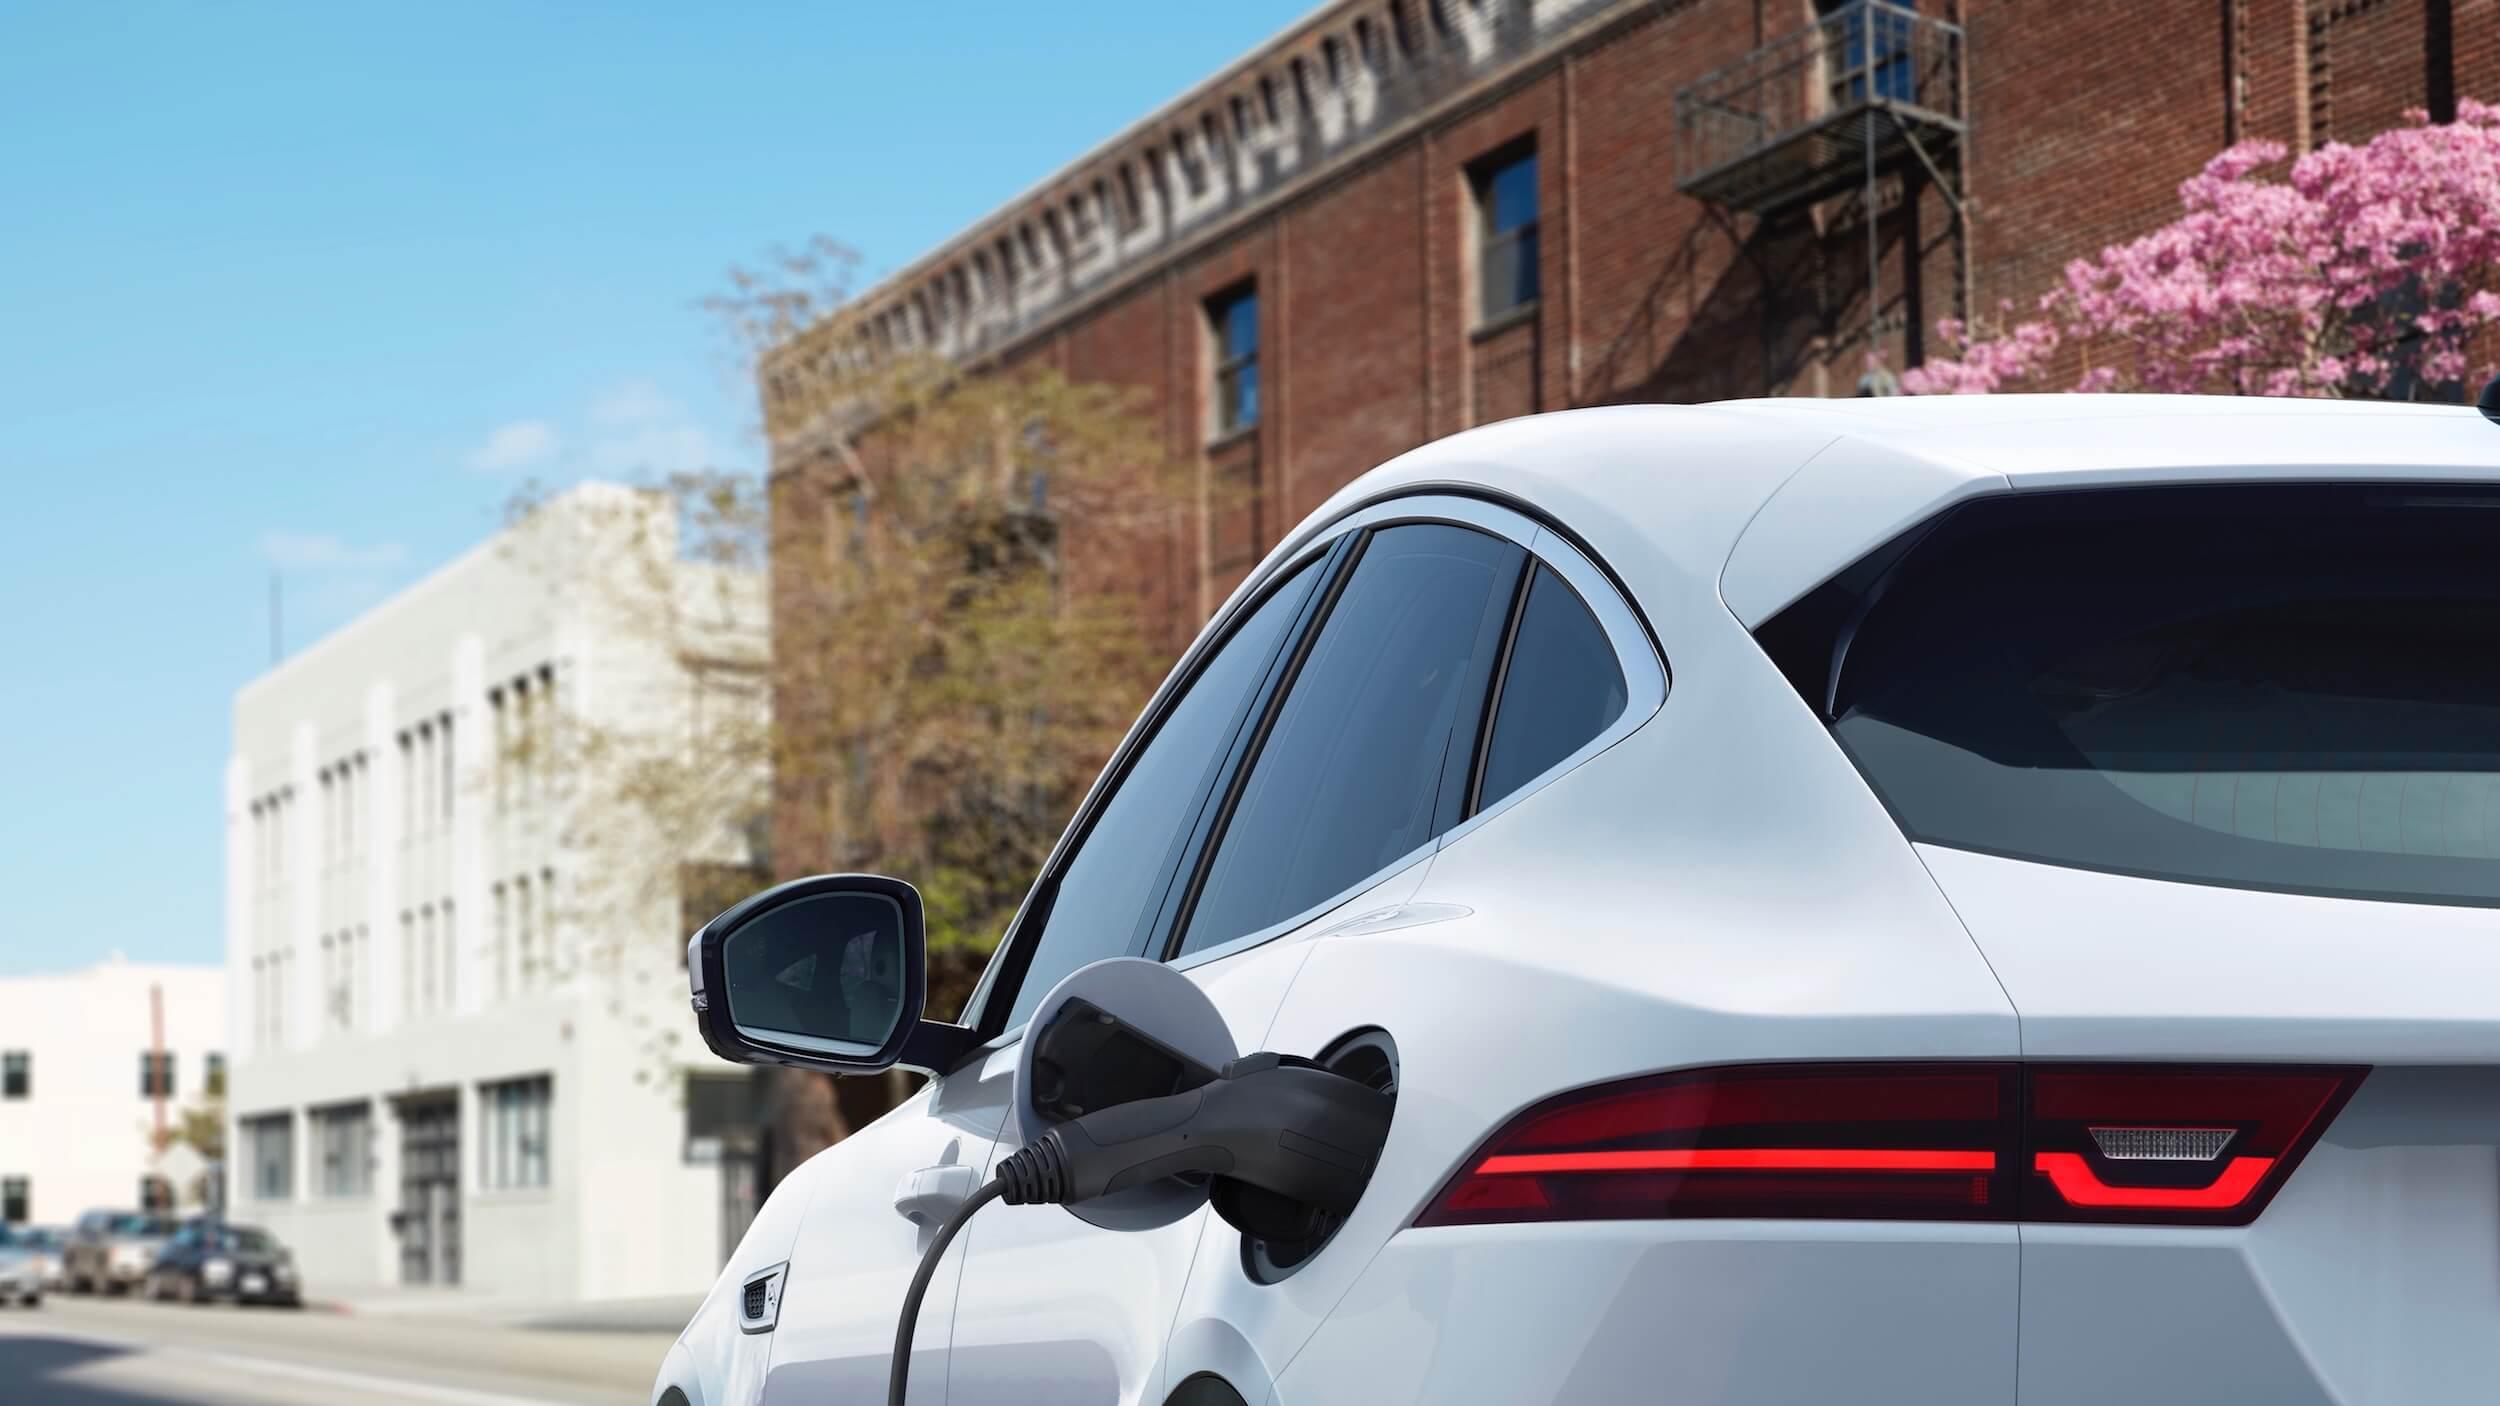 Hybride Jaguar E Pace laadplug